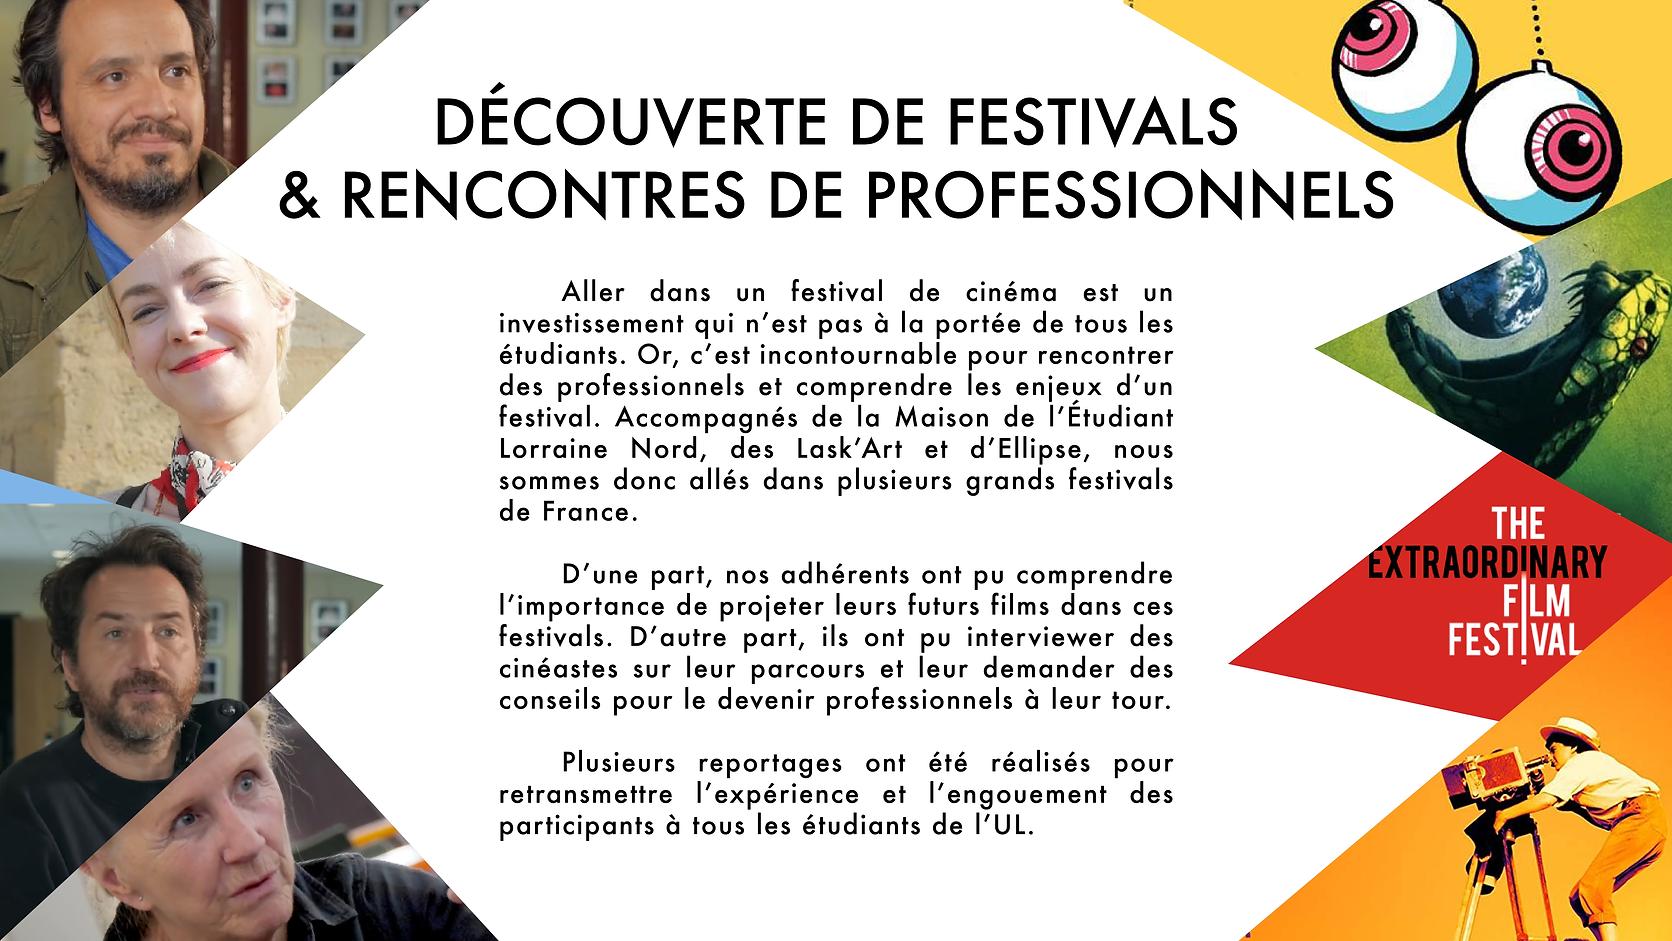 MOC - Association de cinéma à Metz ave